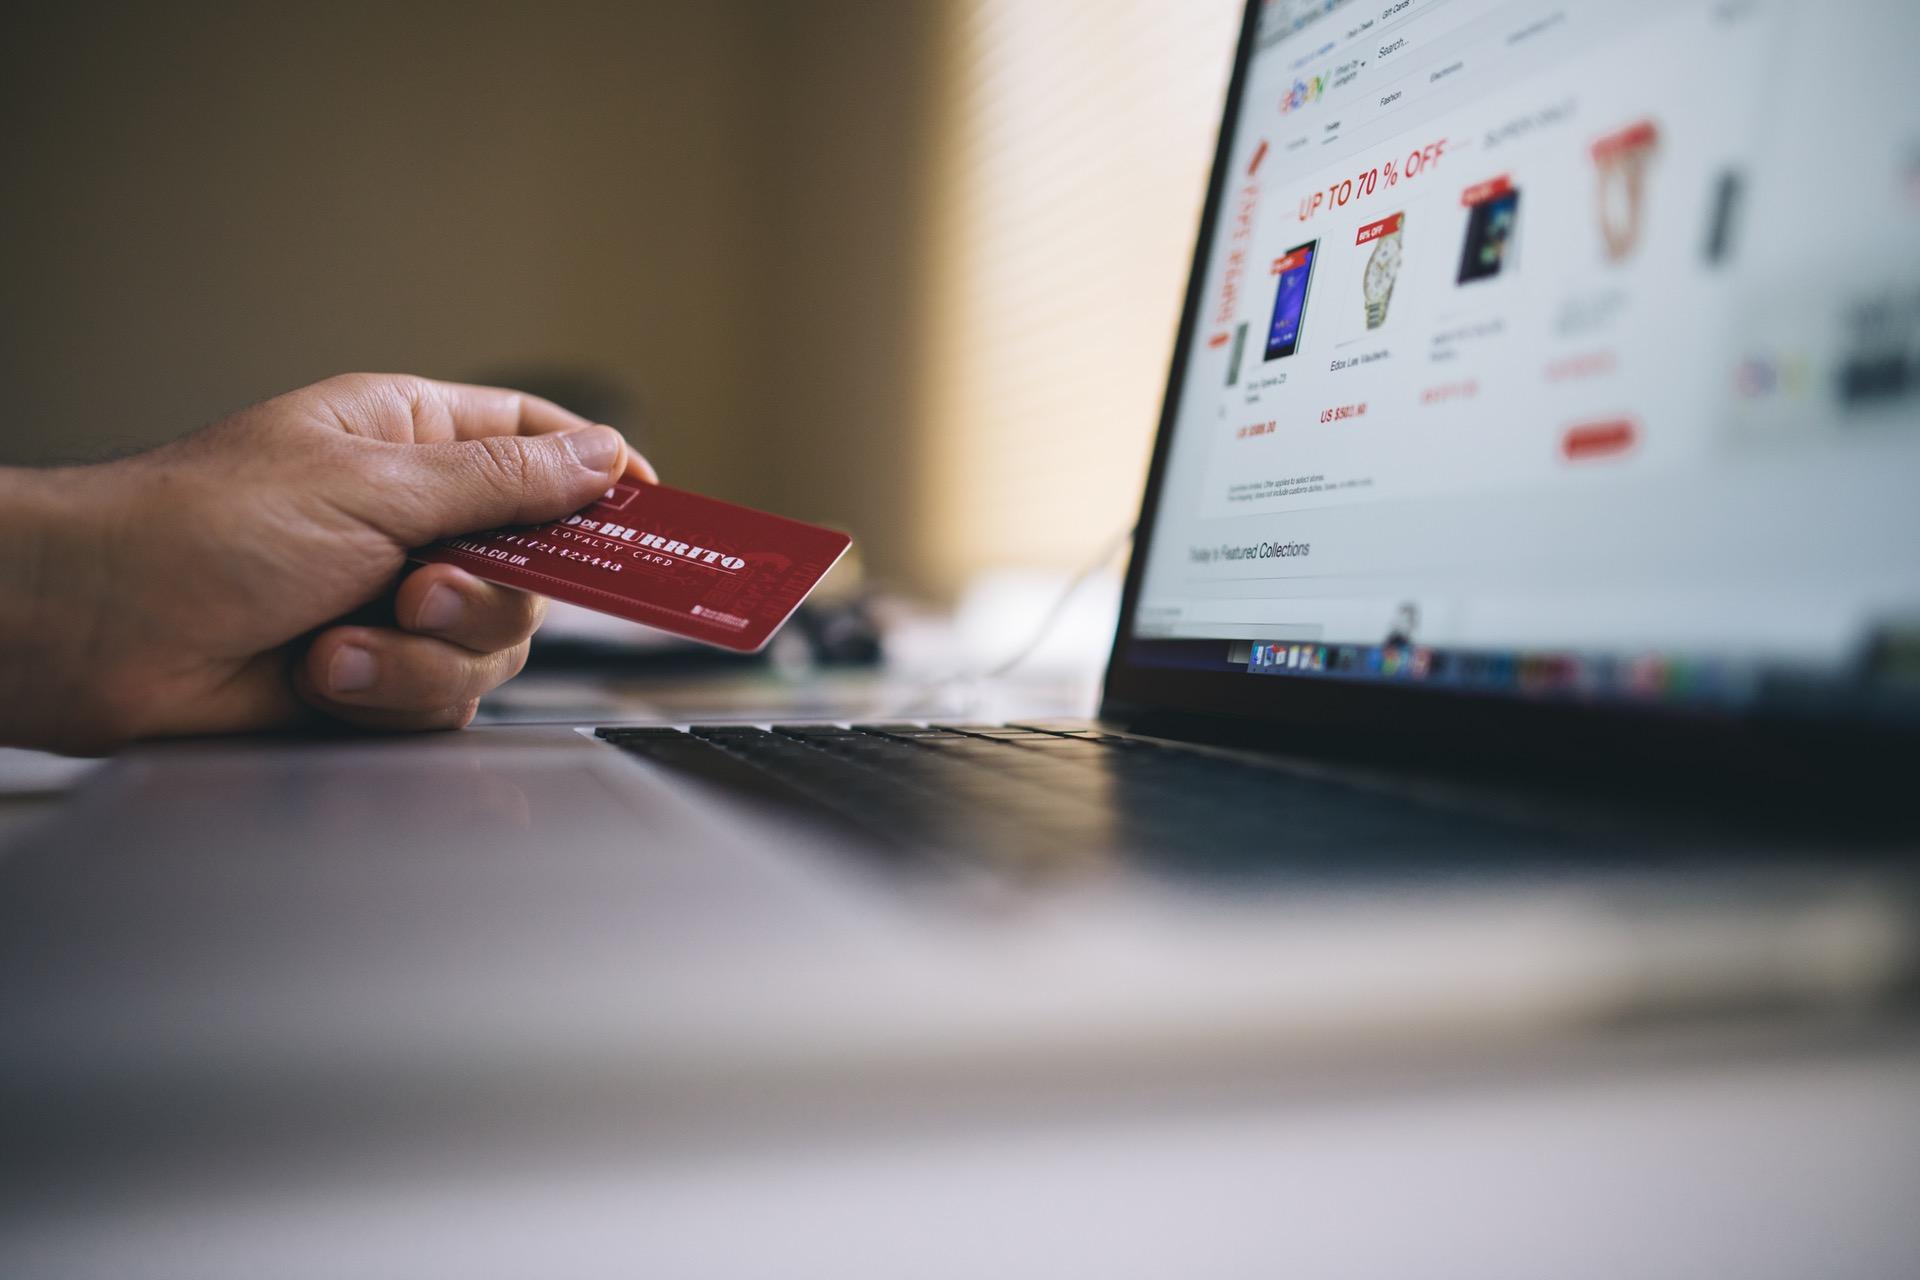 Einsames PayPal: mobile Bezahldienste in Deutschland